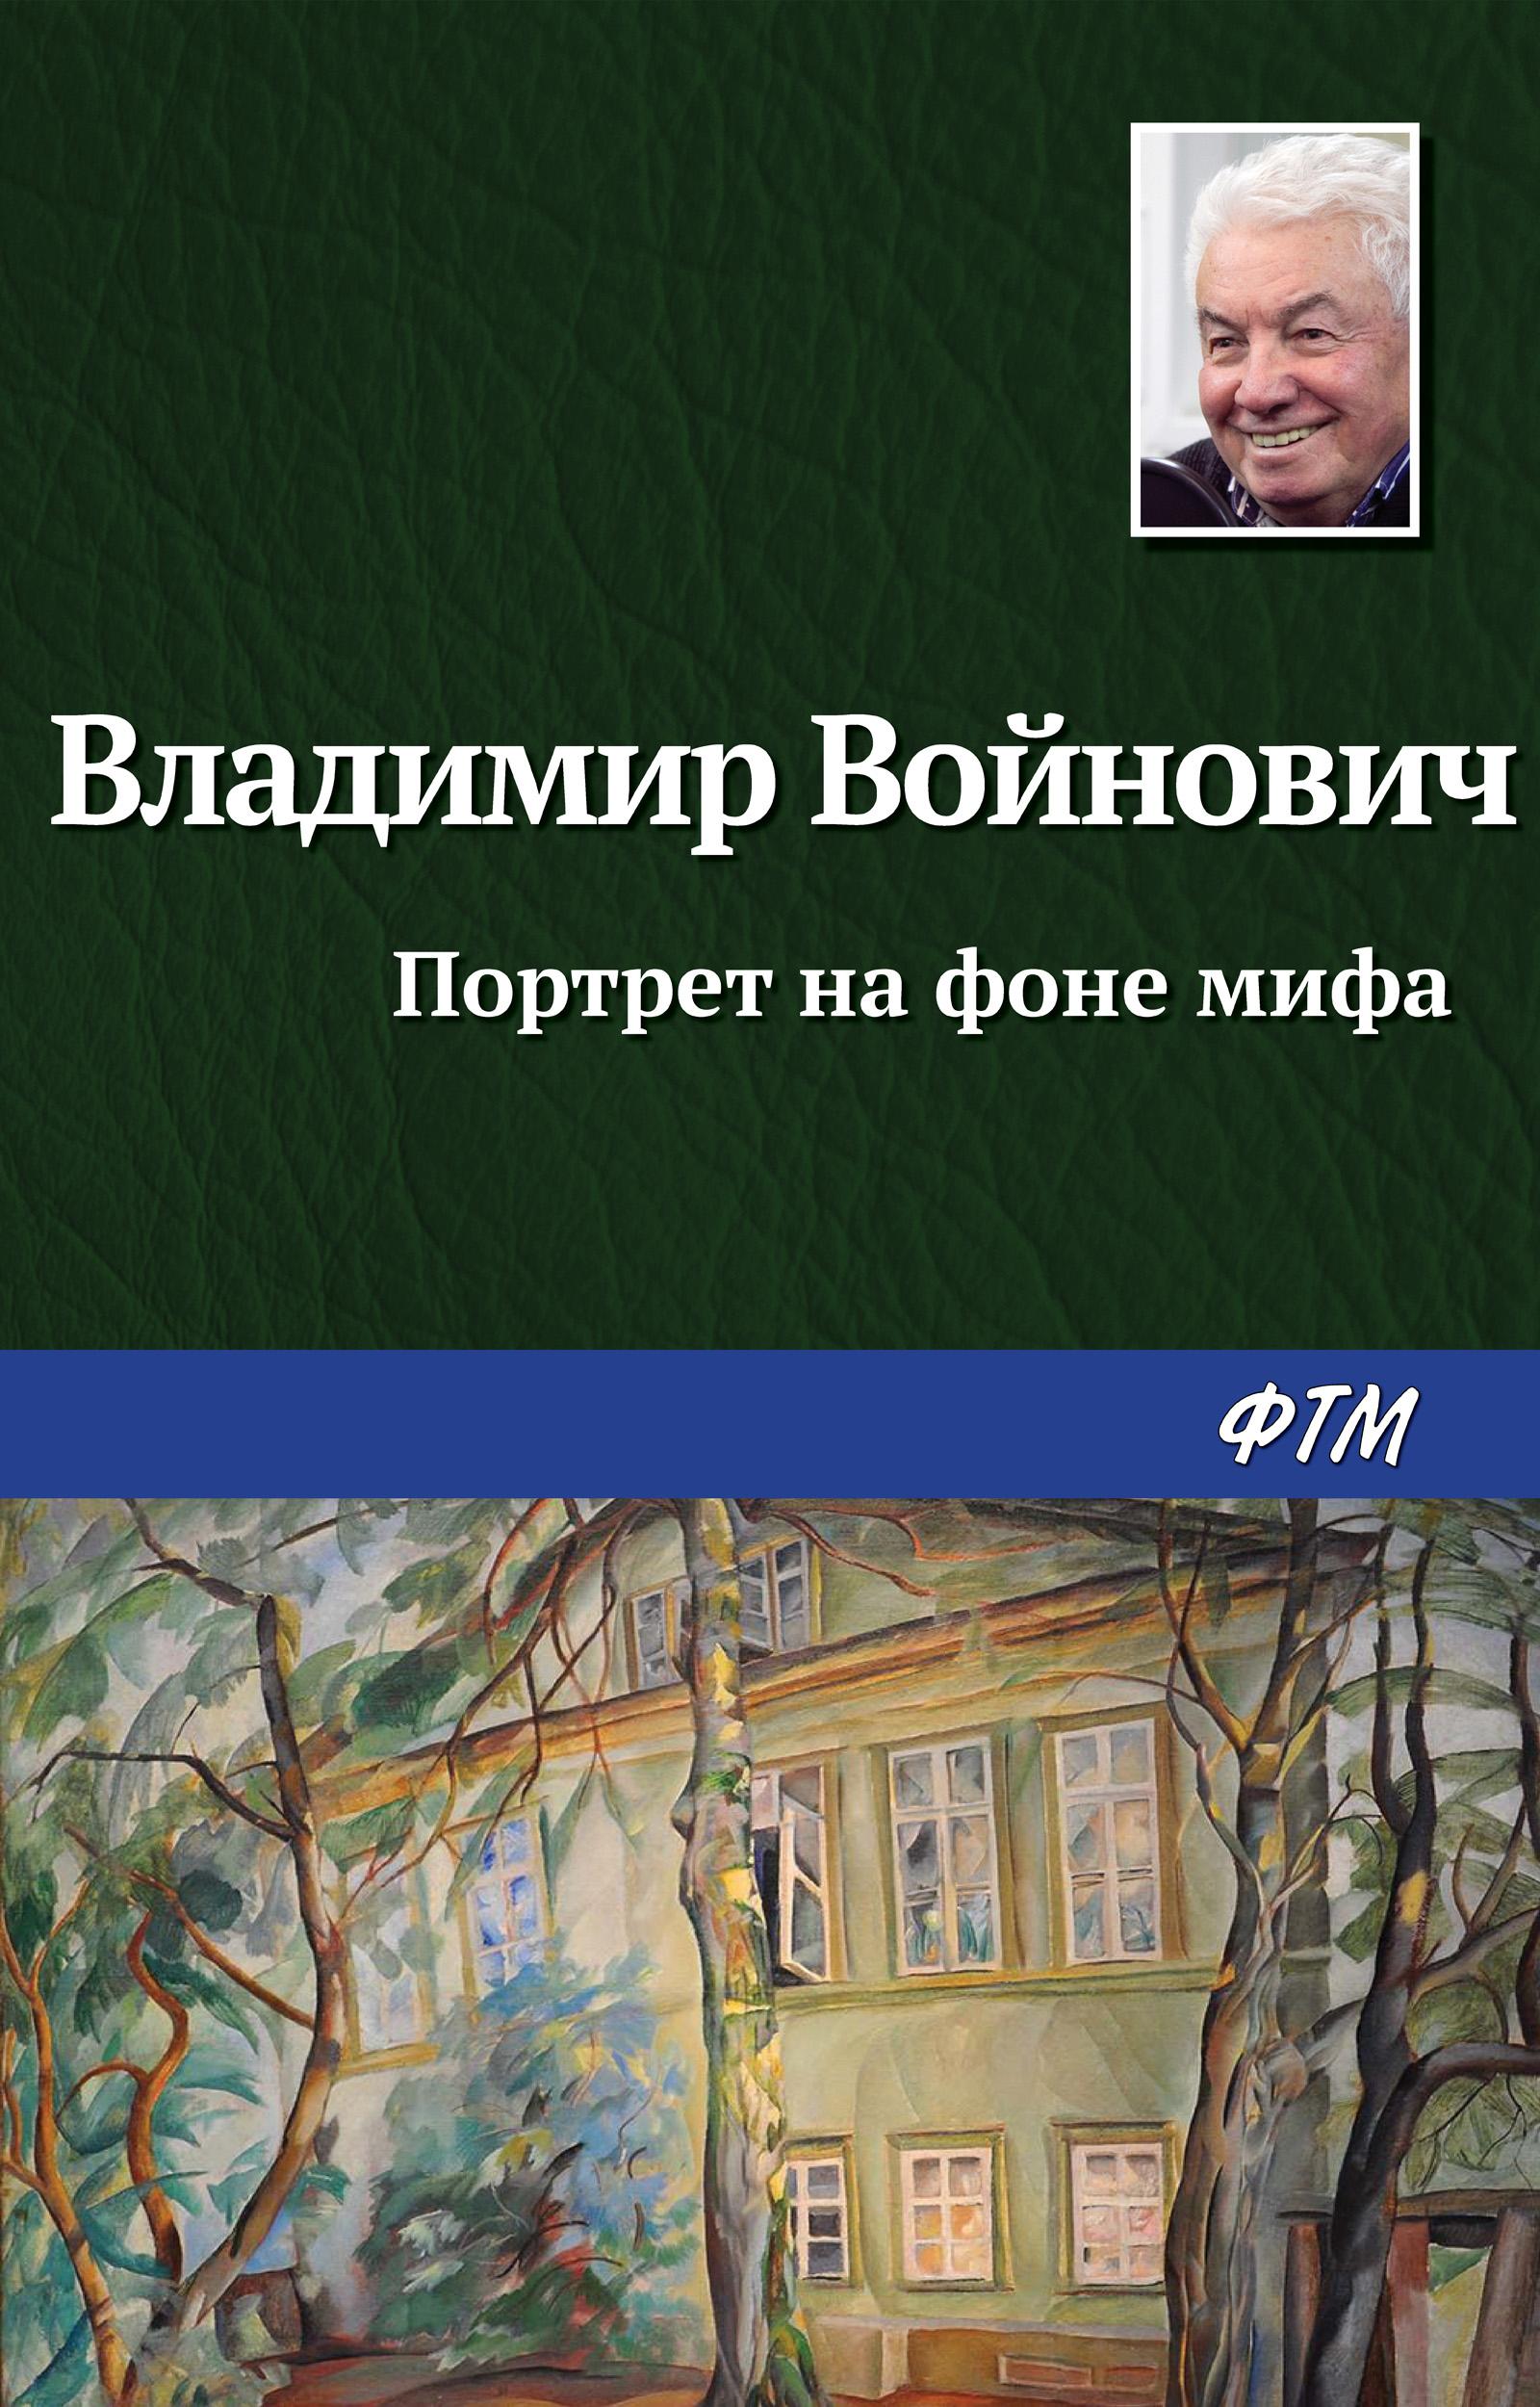 Портрет на фоне мифа. Владимир Войнович.